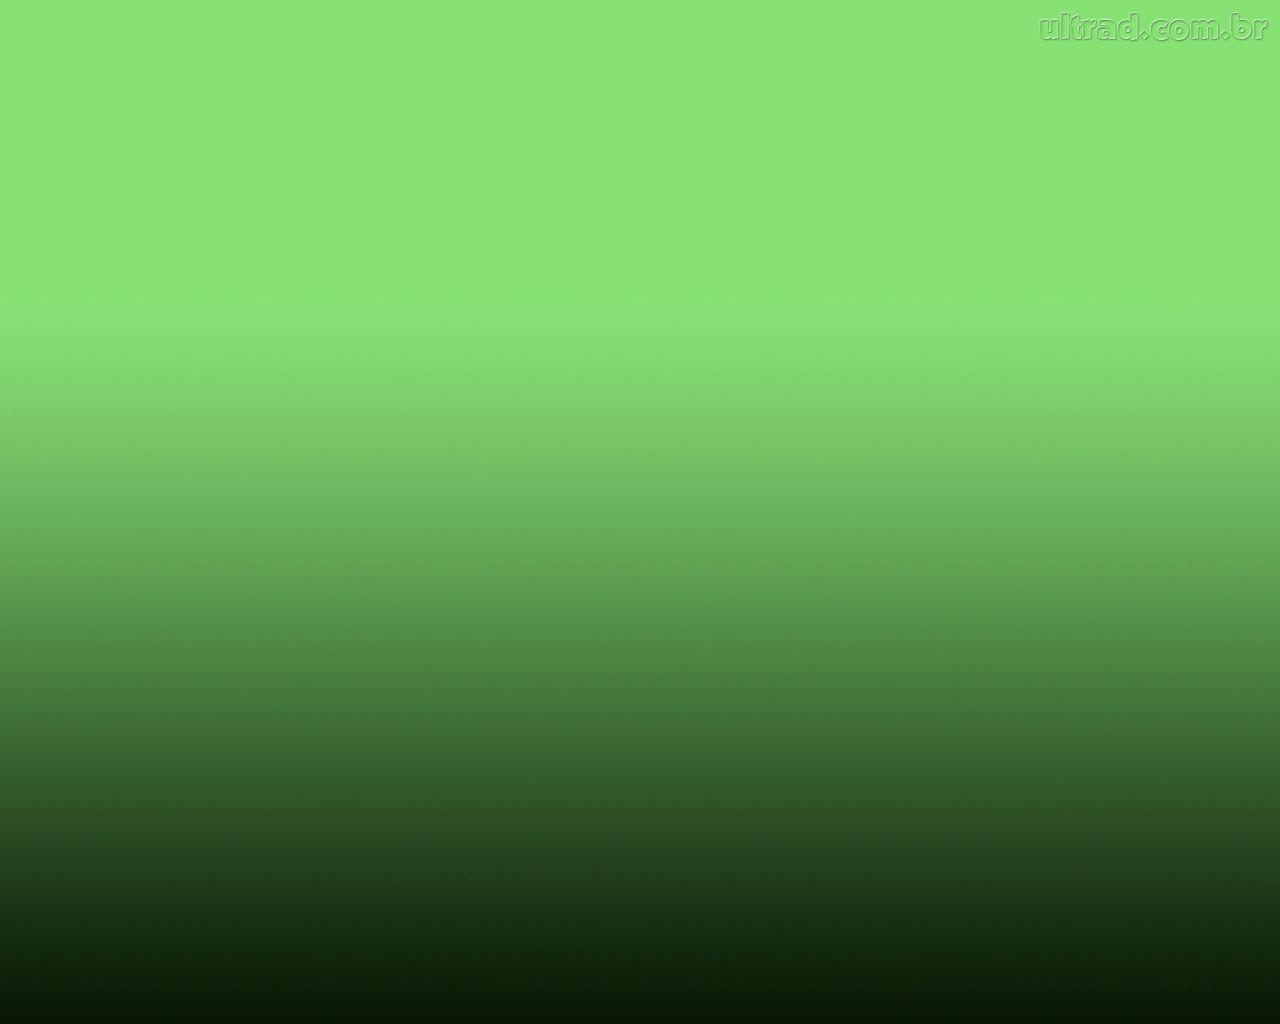 fundo verde garrafa papel - photo #45